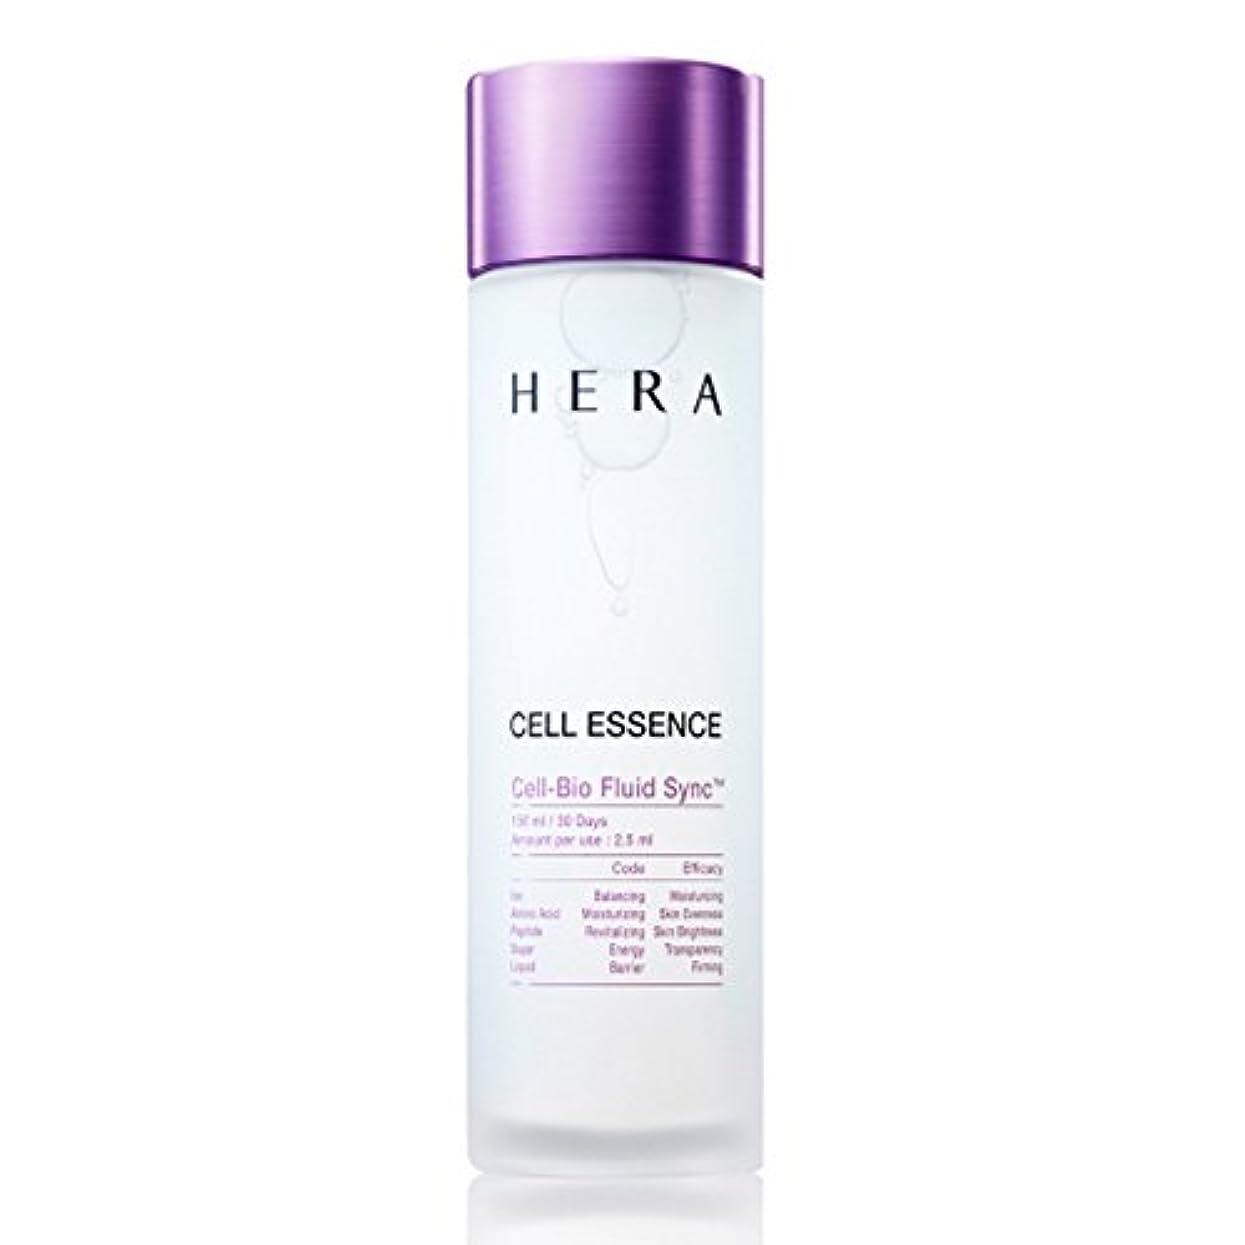 ヘラ/HERA CELL ESSENCE / セルエッセンス 225ml 美容液 (海外直送品)